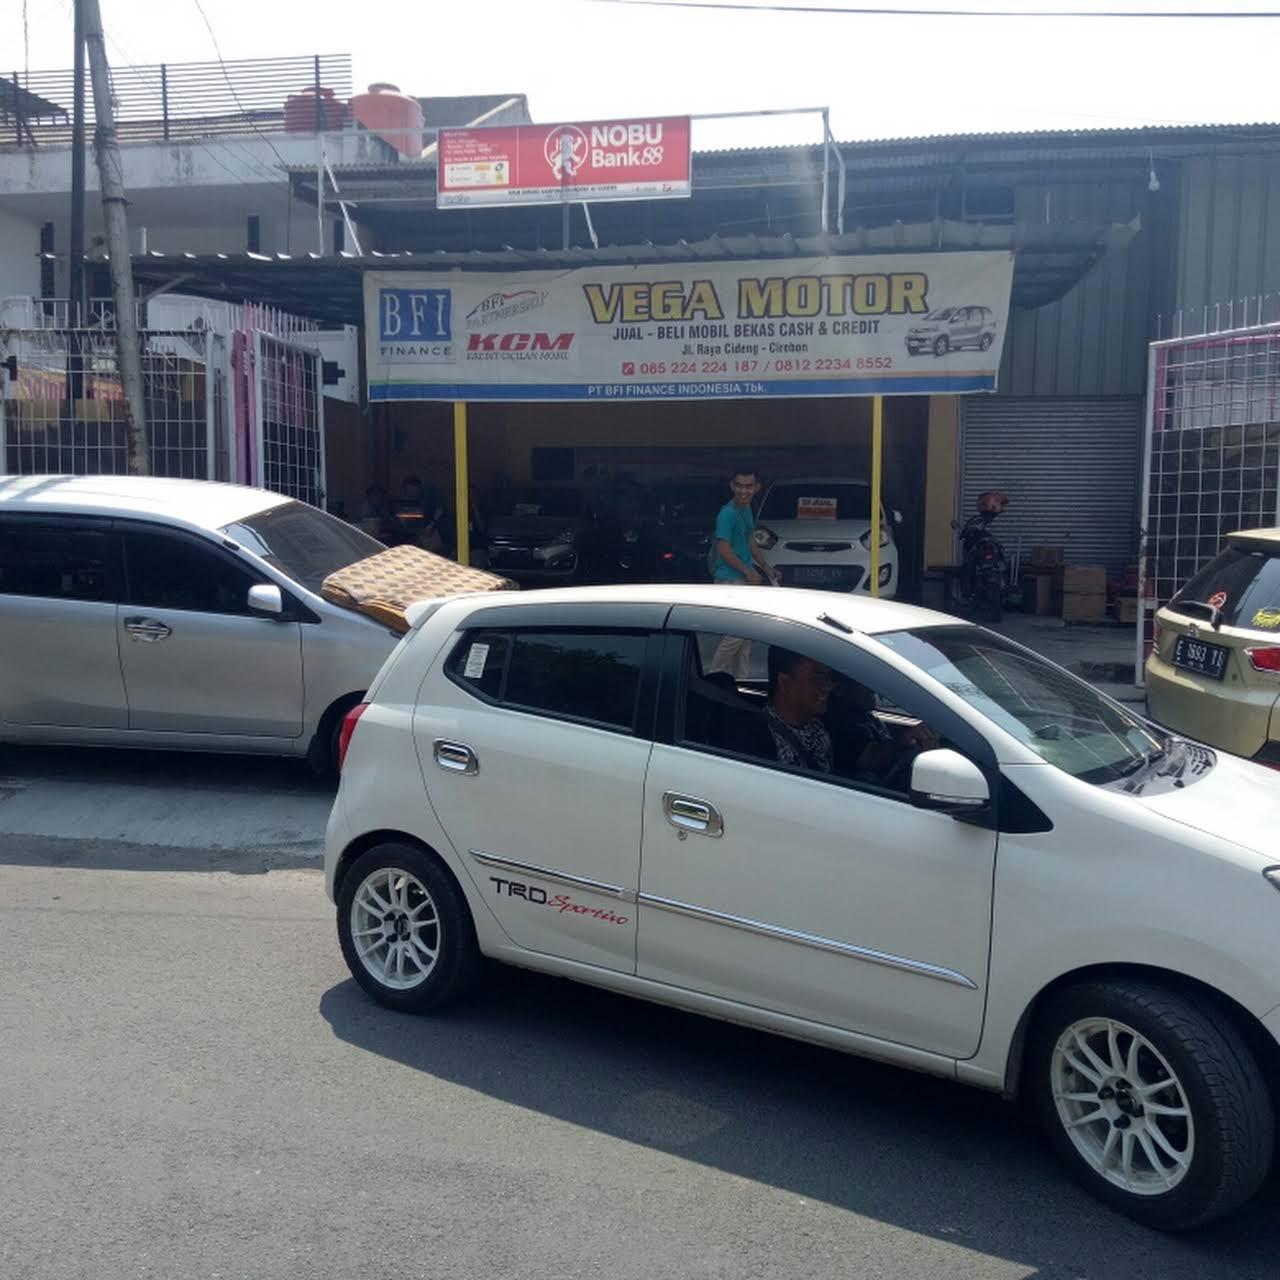 Vega Motor Dealer Mobil Bekas